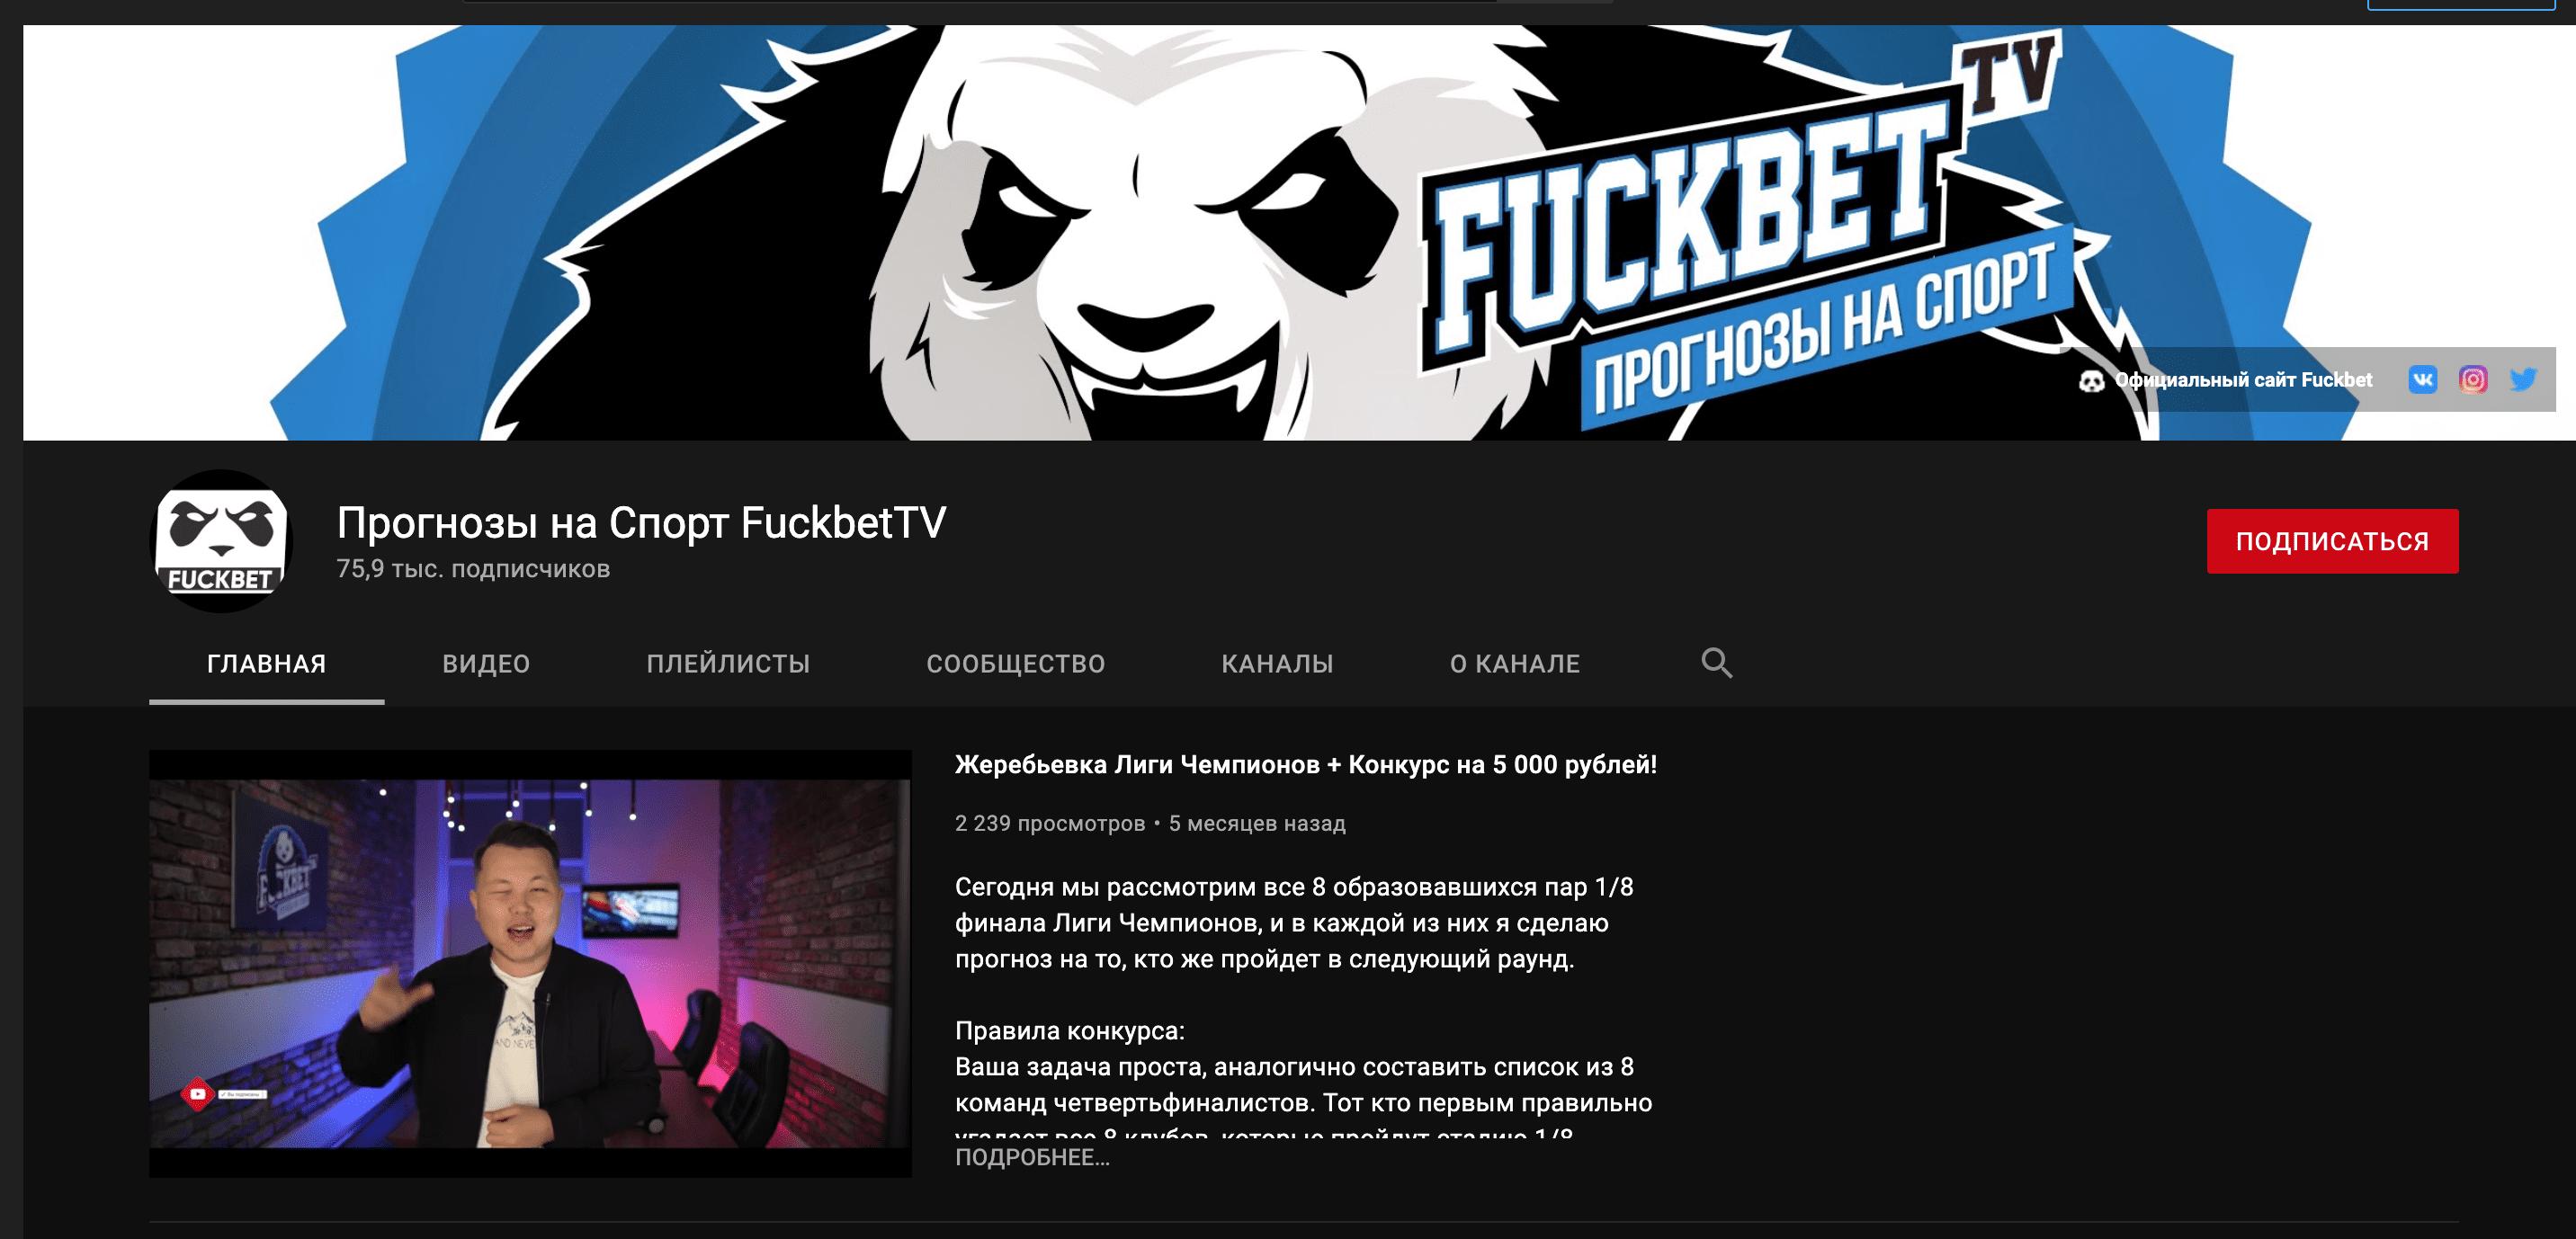 Ютуб канал Fuckbet (Факбет)